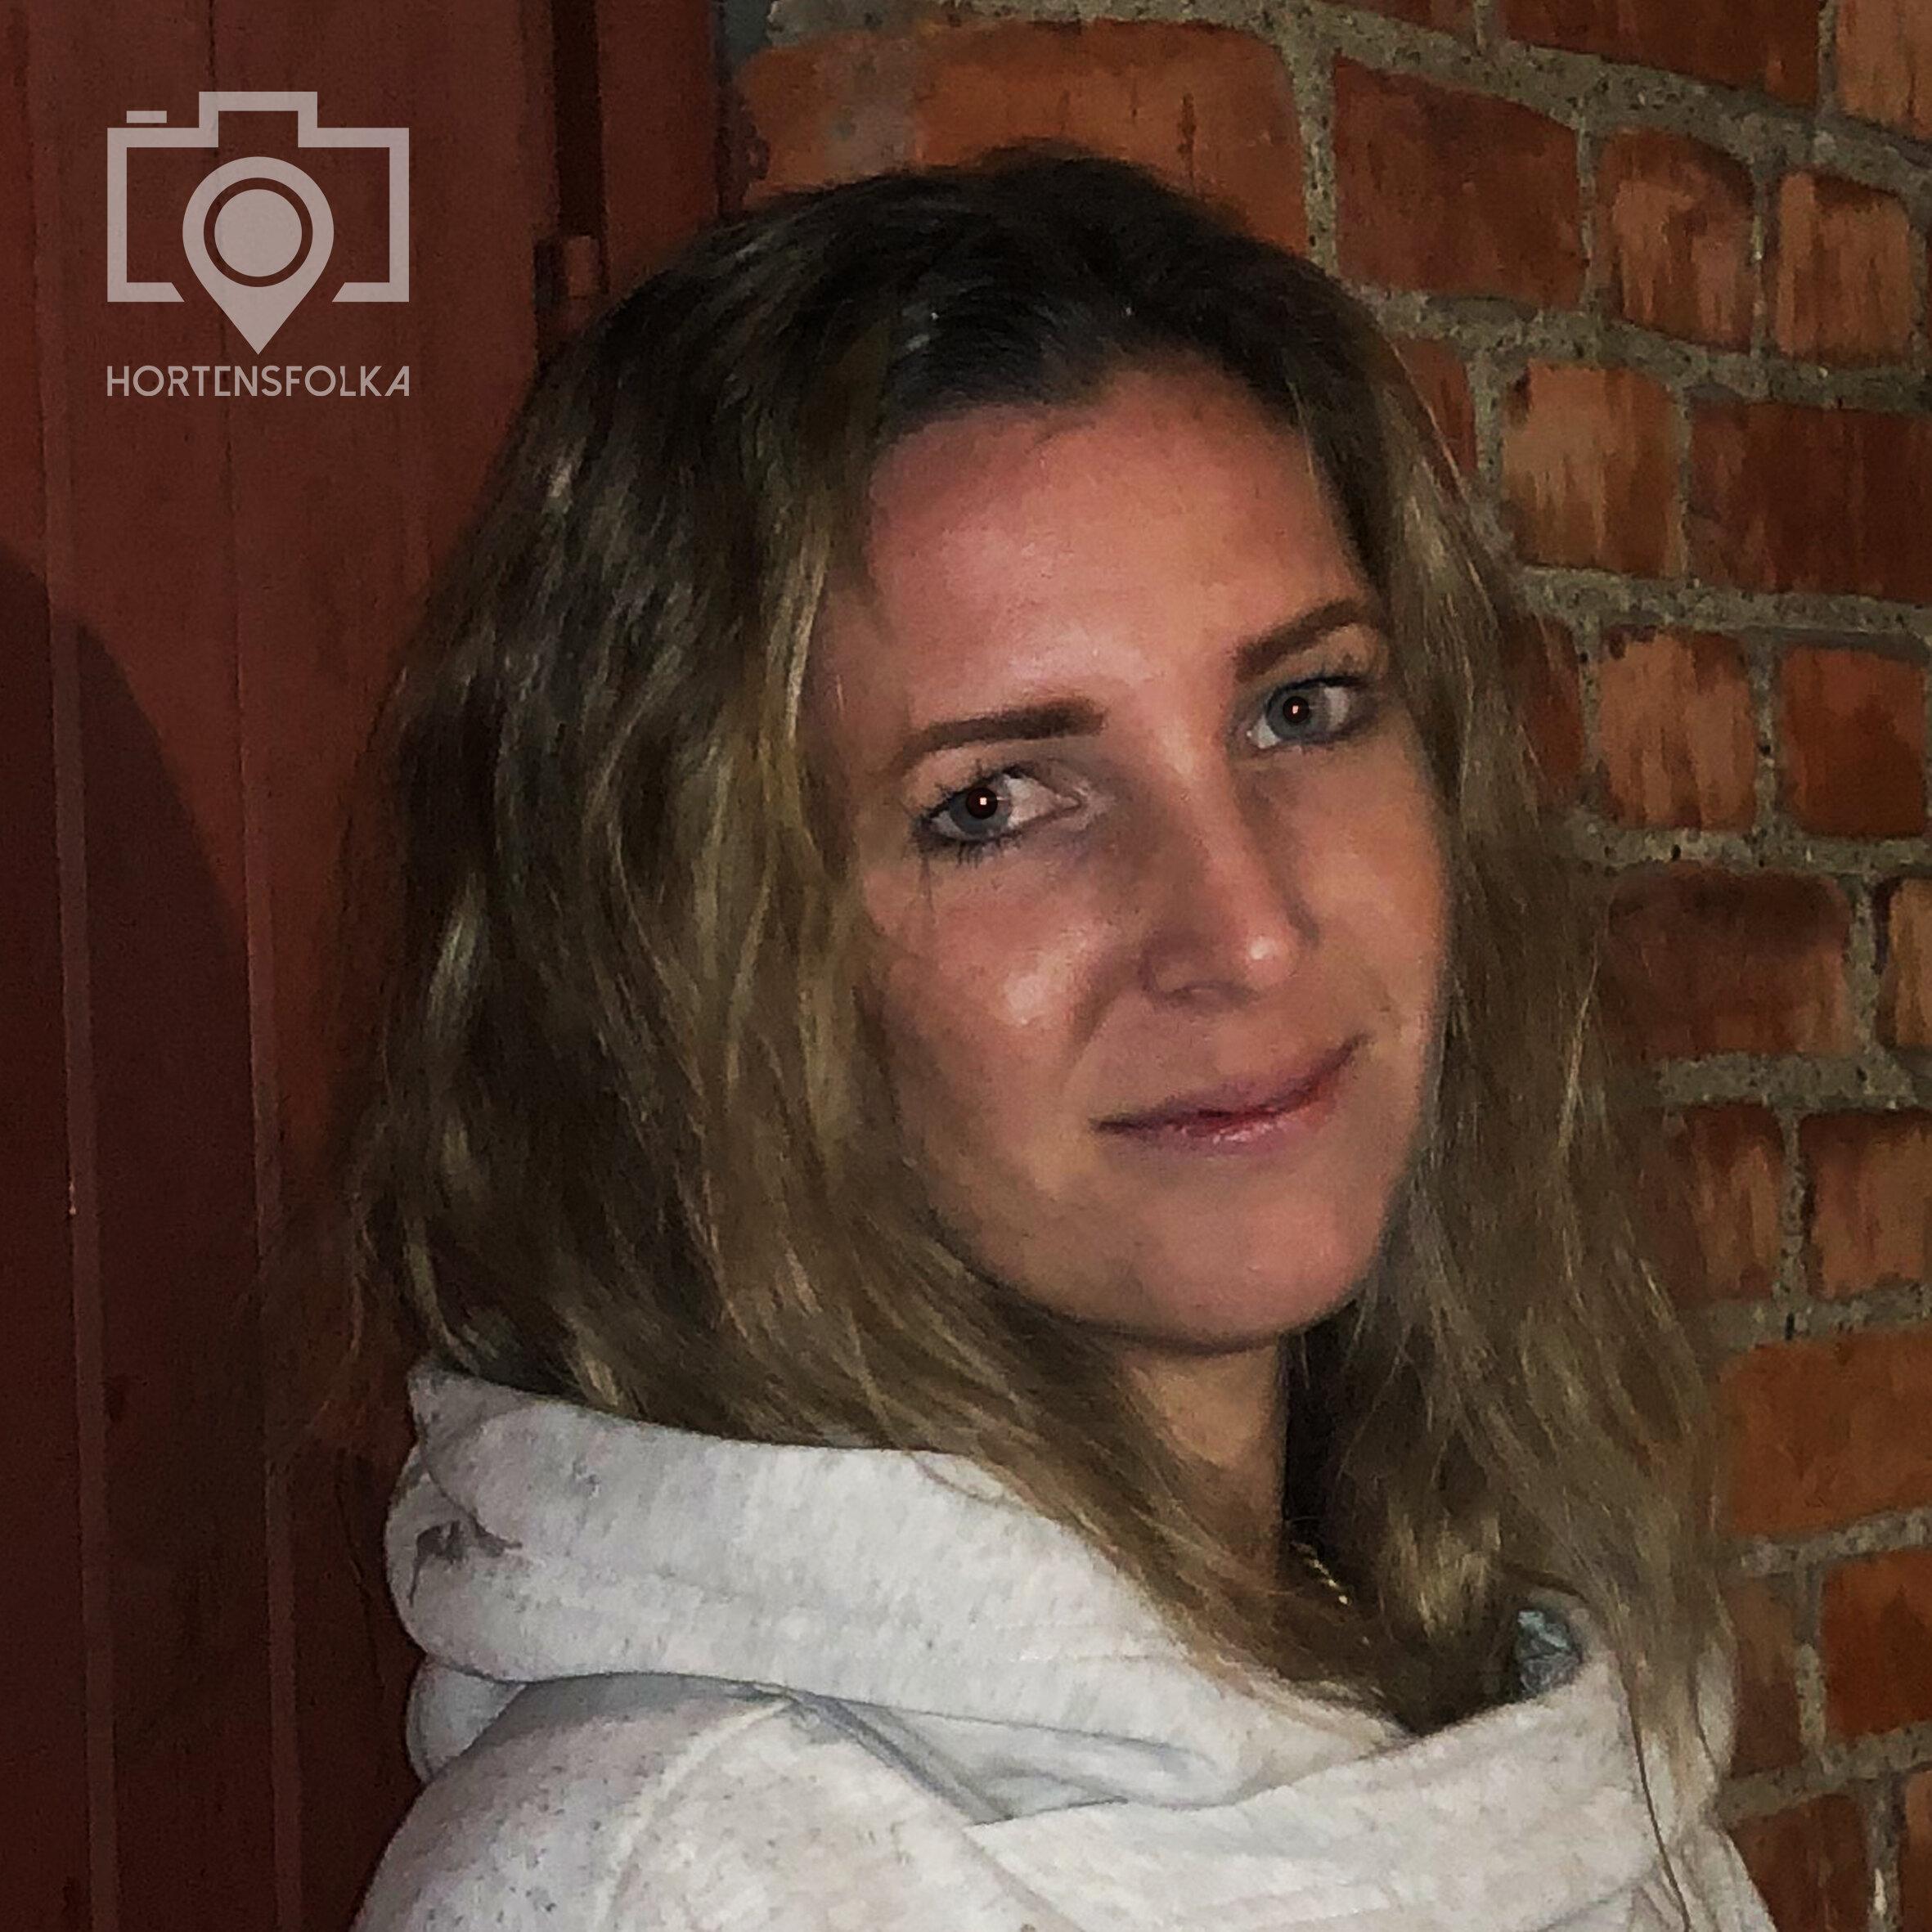 Mama juni dating mann som misbrukte datter Zoosk dating erfahrung